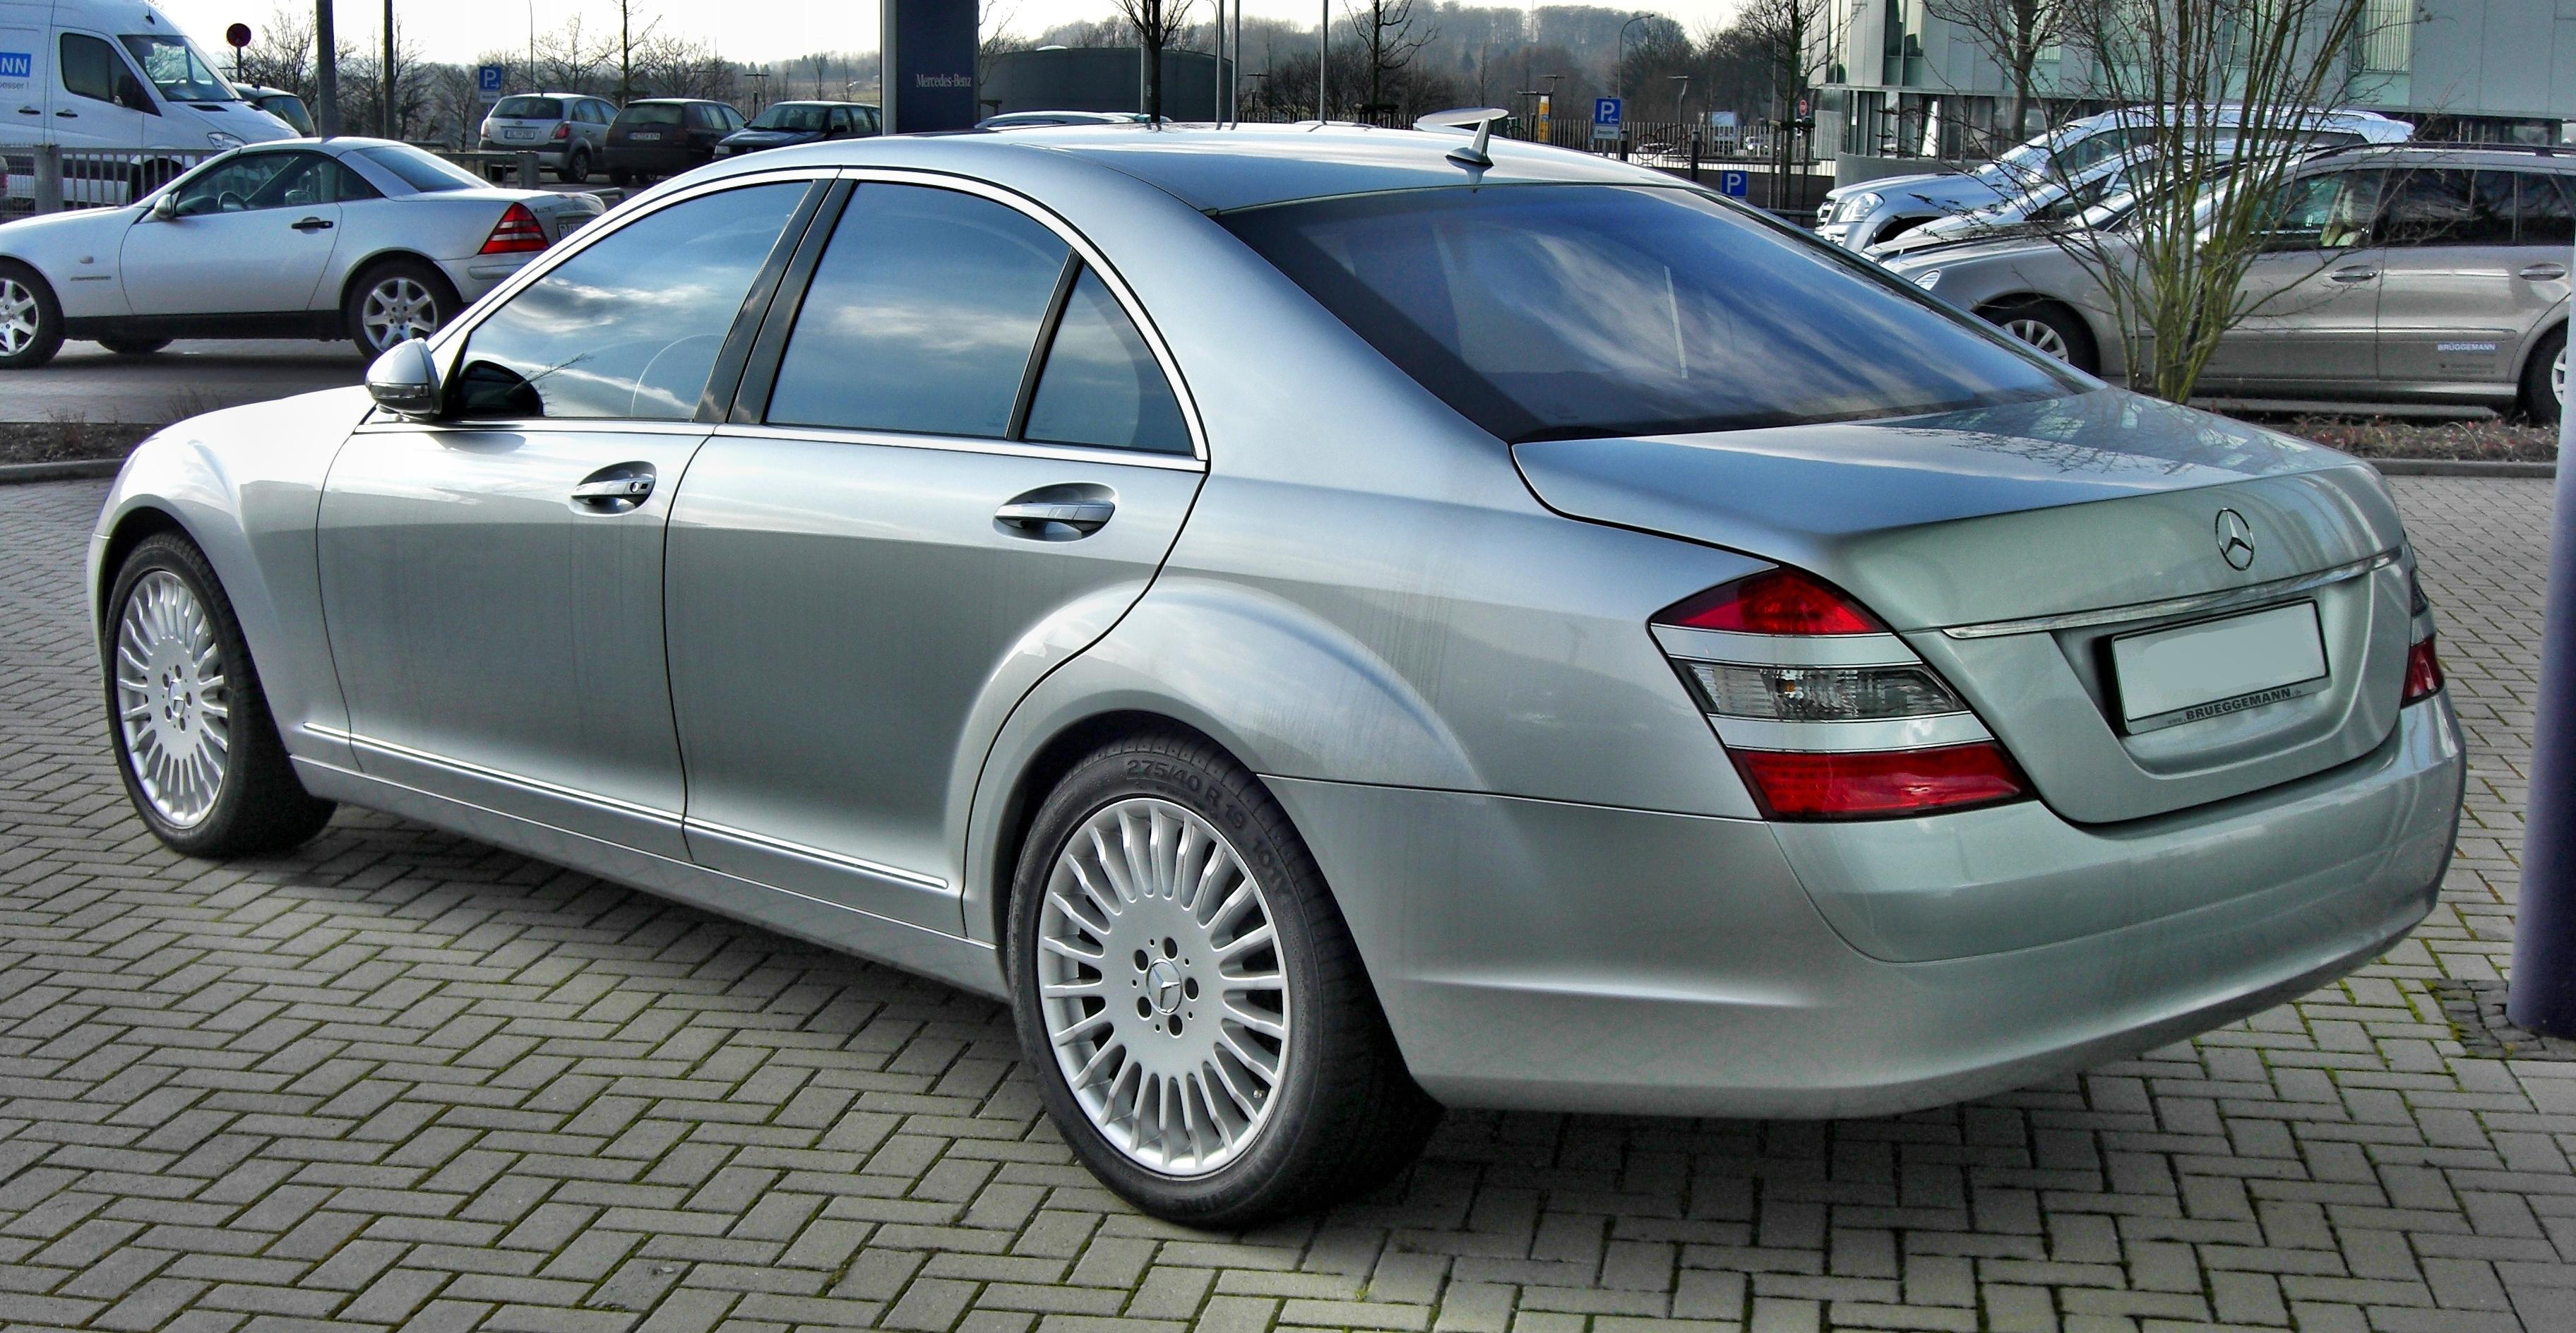 File:Mercedes S 500 20090214 rear.jpg - Wikimedia Commons